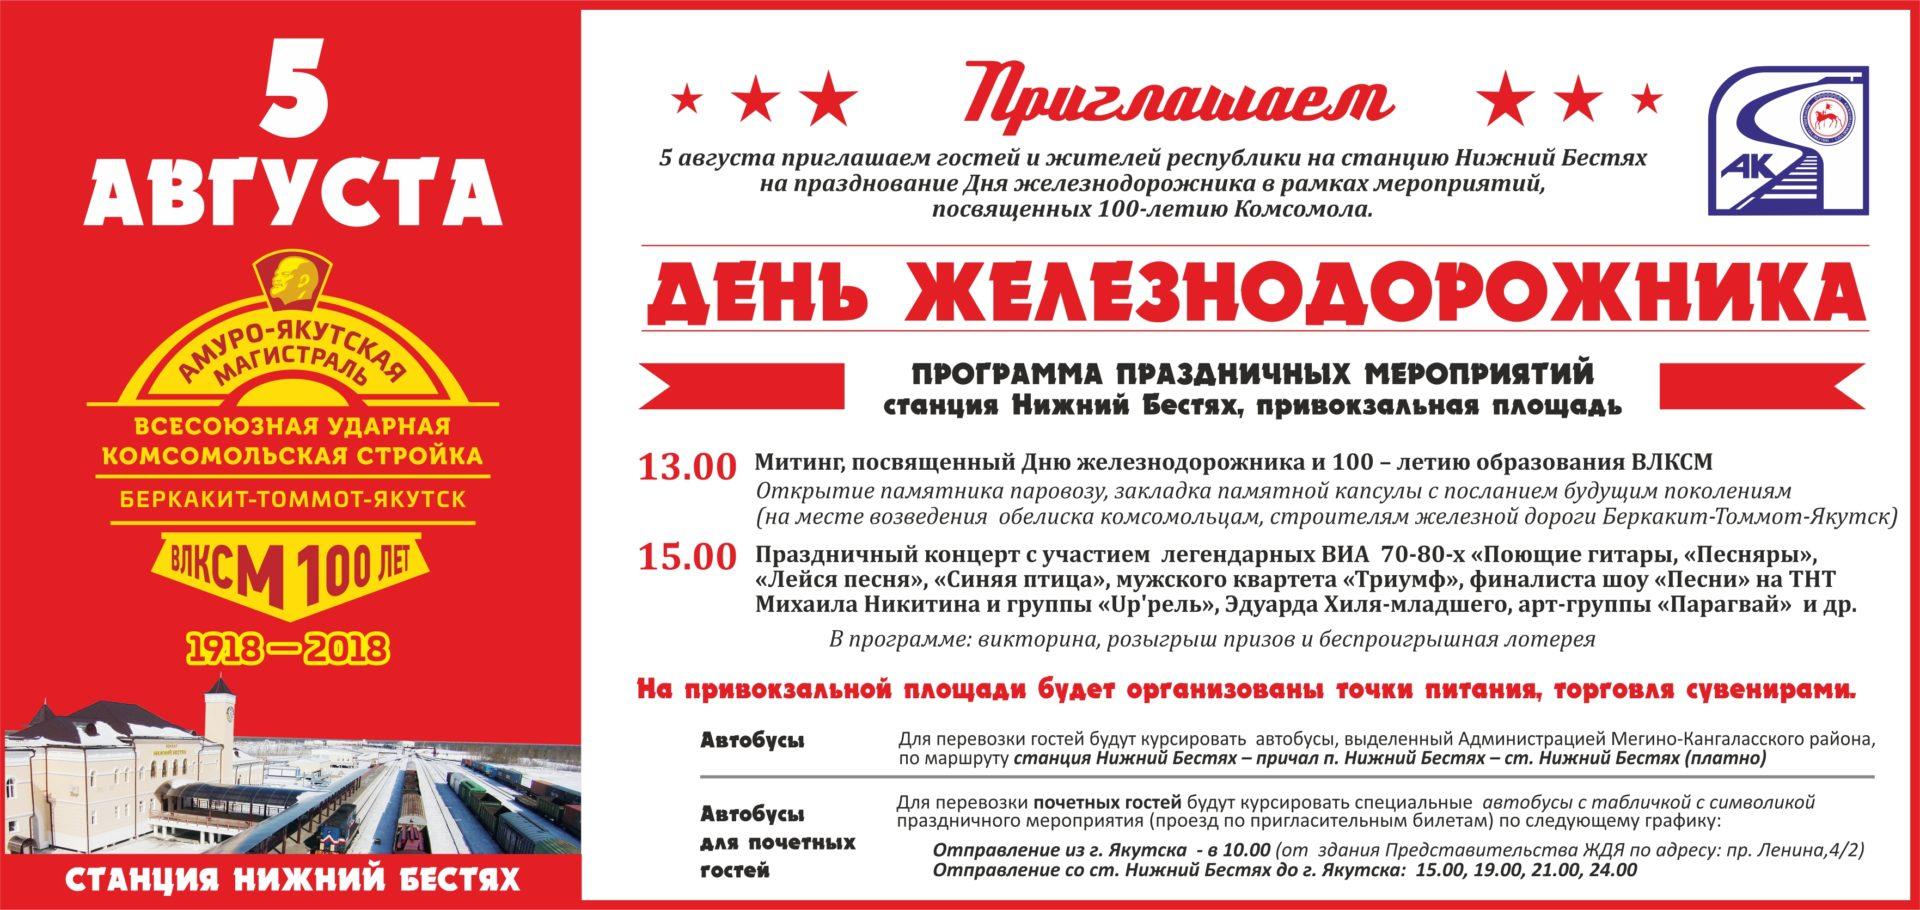 День железнодорожника впервые отметят на станции Нижний Бестях, в рамках празднования 100-летия Комсомола